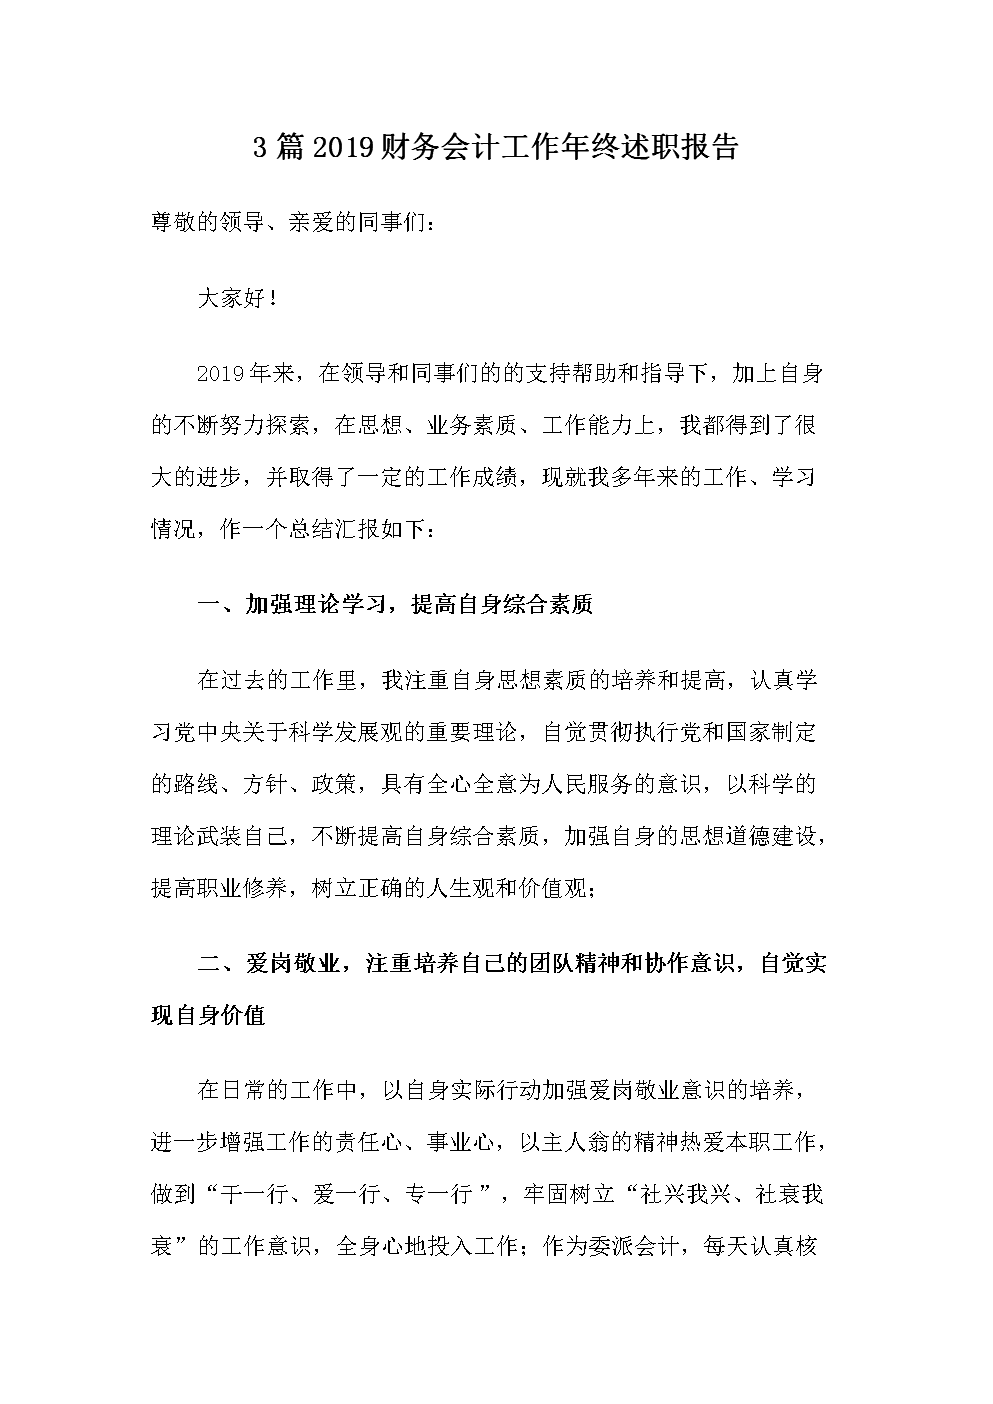 3篇2019财务会计工作年终述职报告.doc